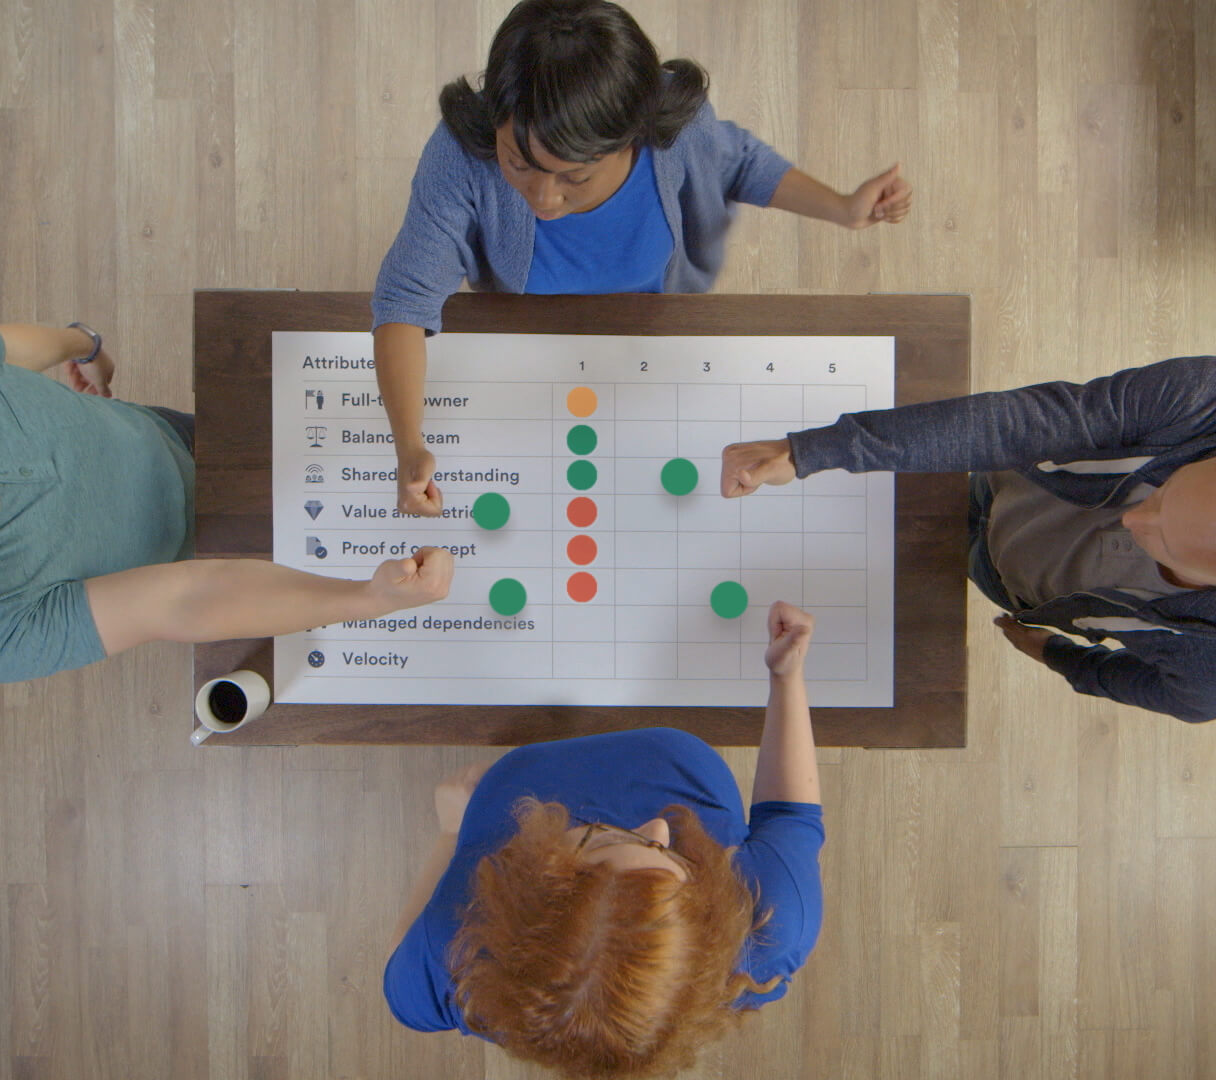 Equipes de projeto de alto desempenham usam o Monitor de saúde para rastrear seus sinais vitais e continuar saudáveis.